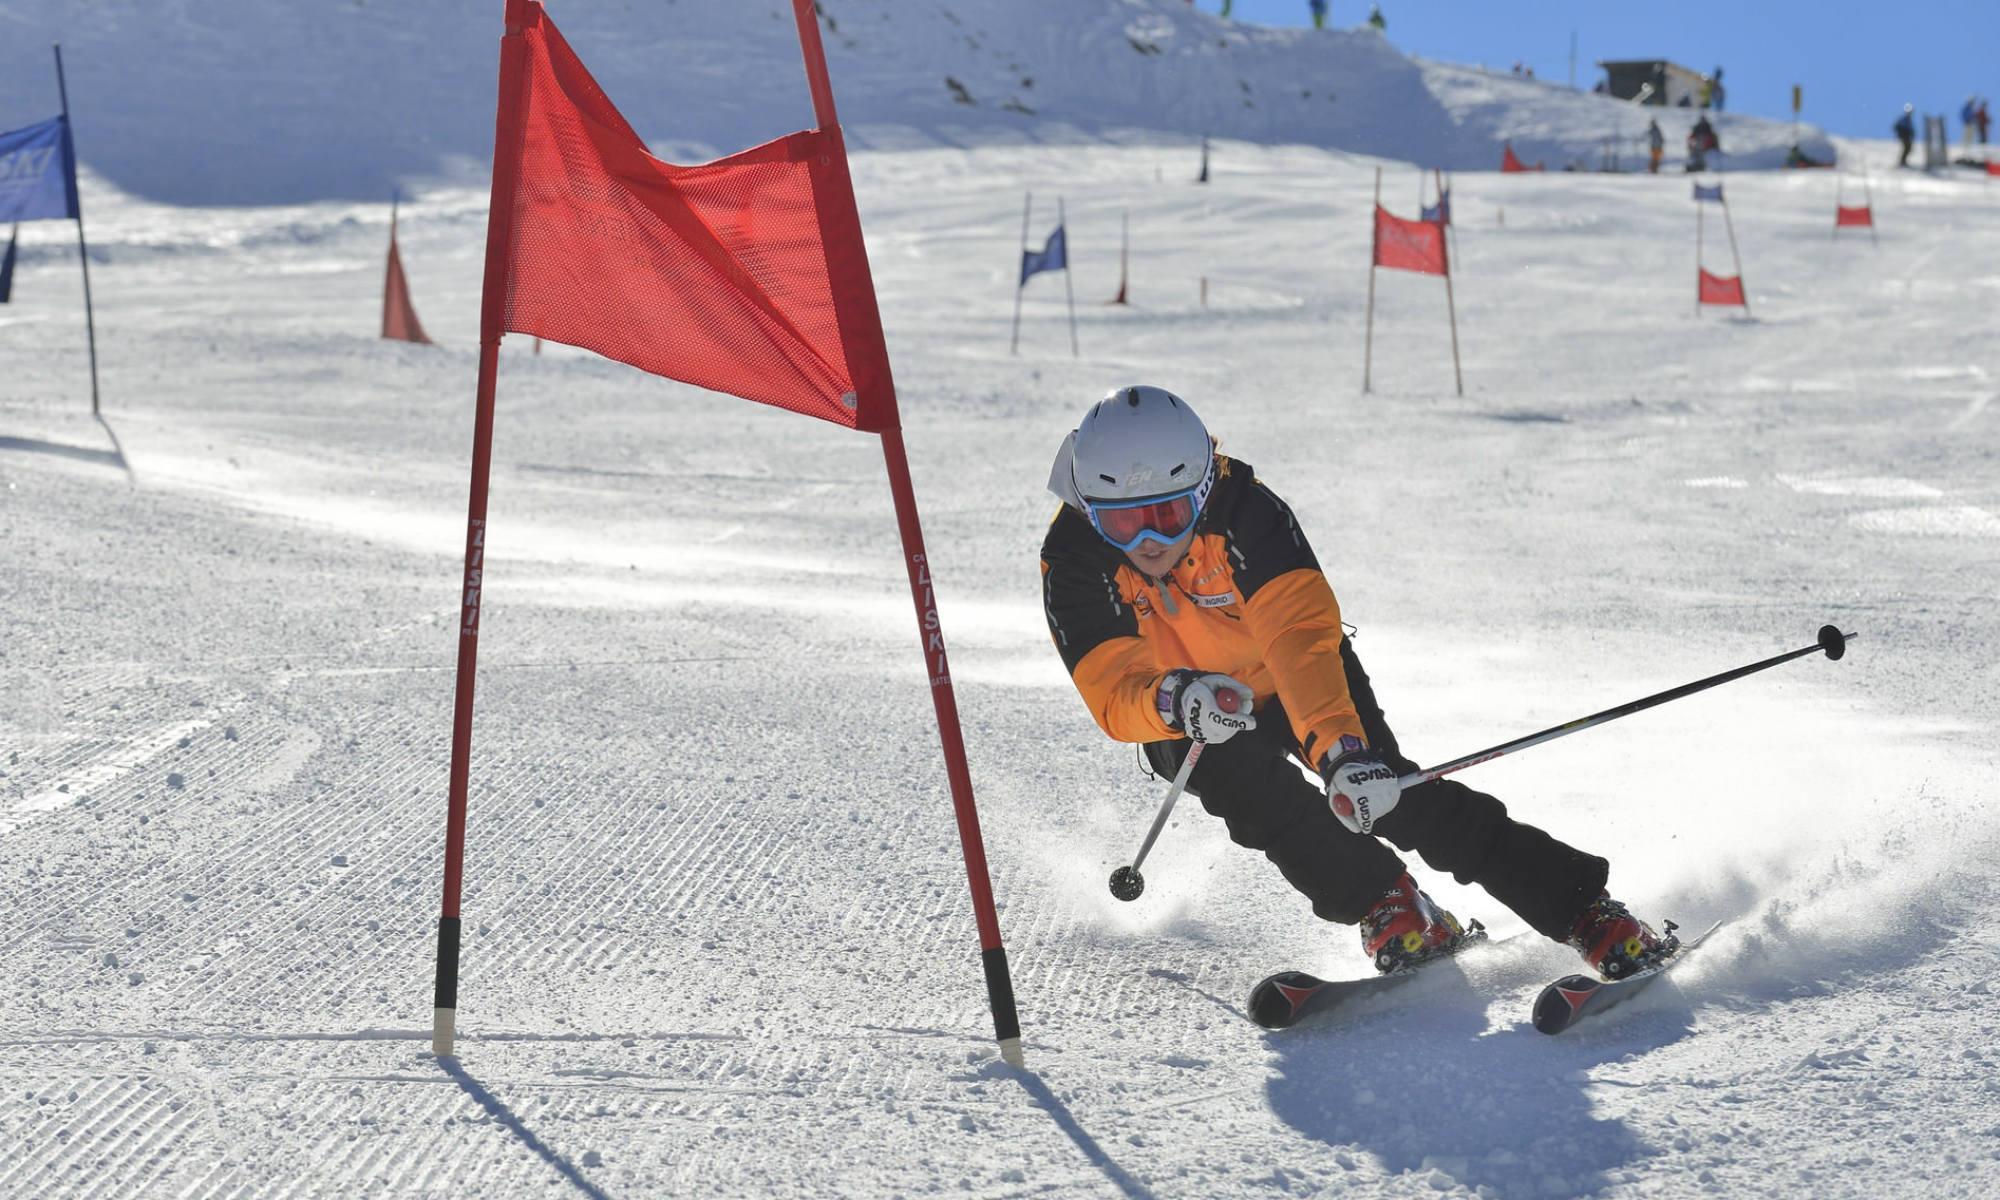 Un skieur sur une piste de slalom.